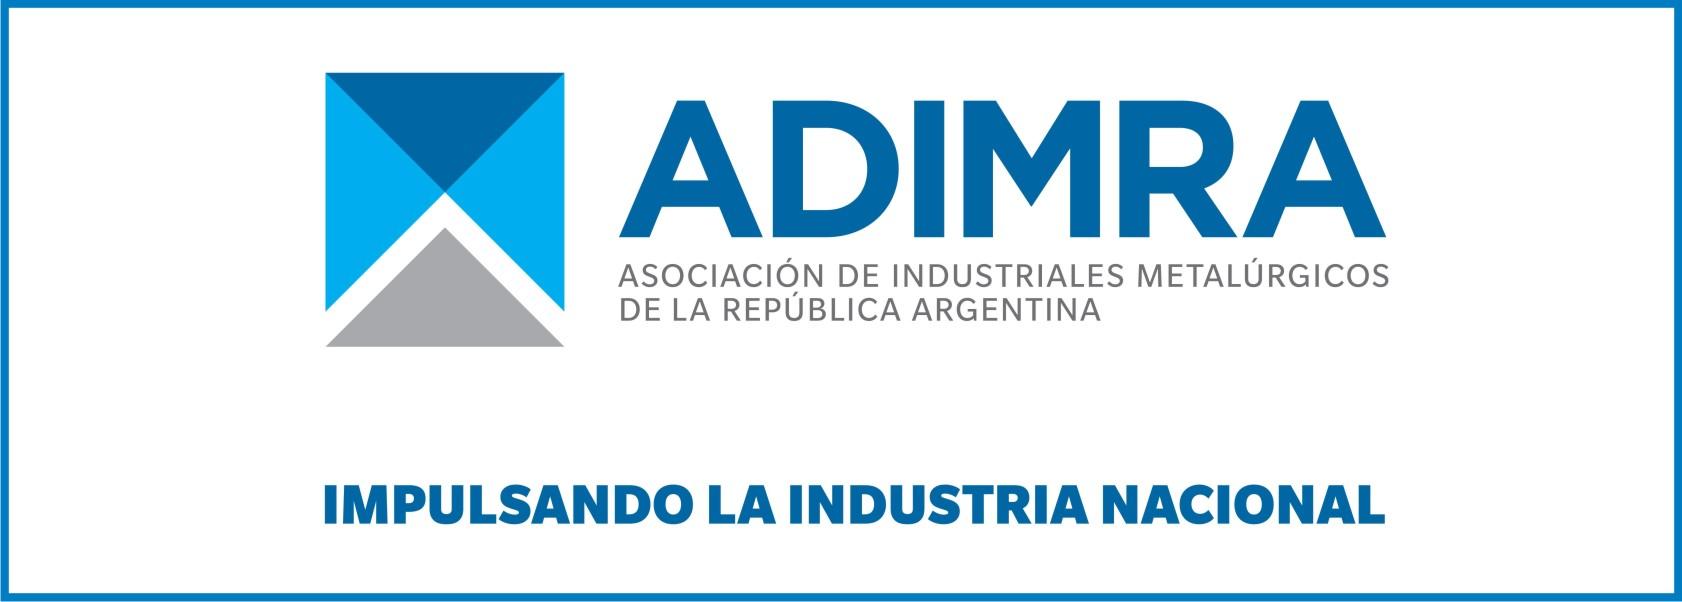 adimra-slider